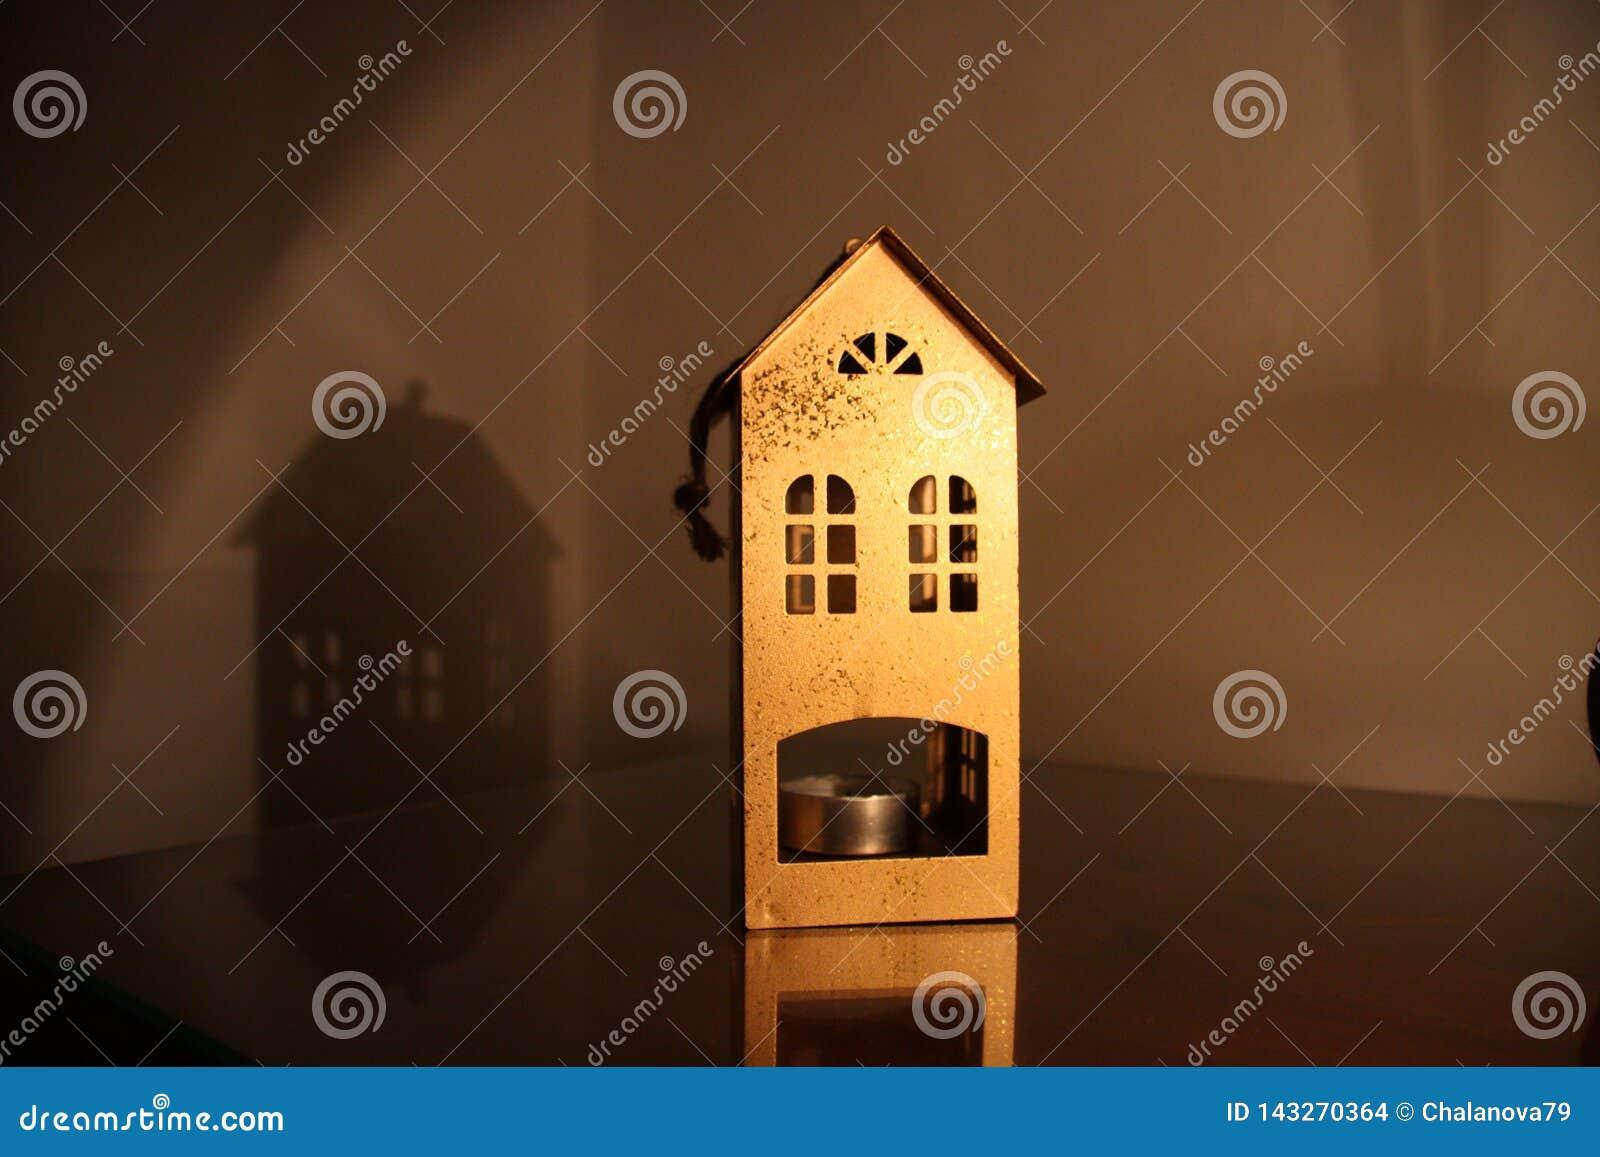 Metallischer Kerzenständer in Form eines Hauses auf dem Tisch am dunklen Abend mit Lampenlicht